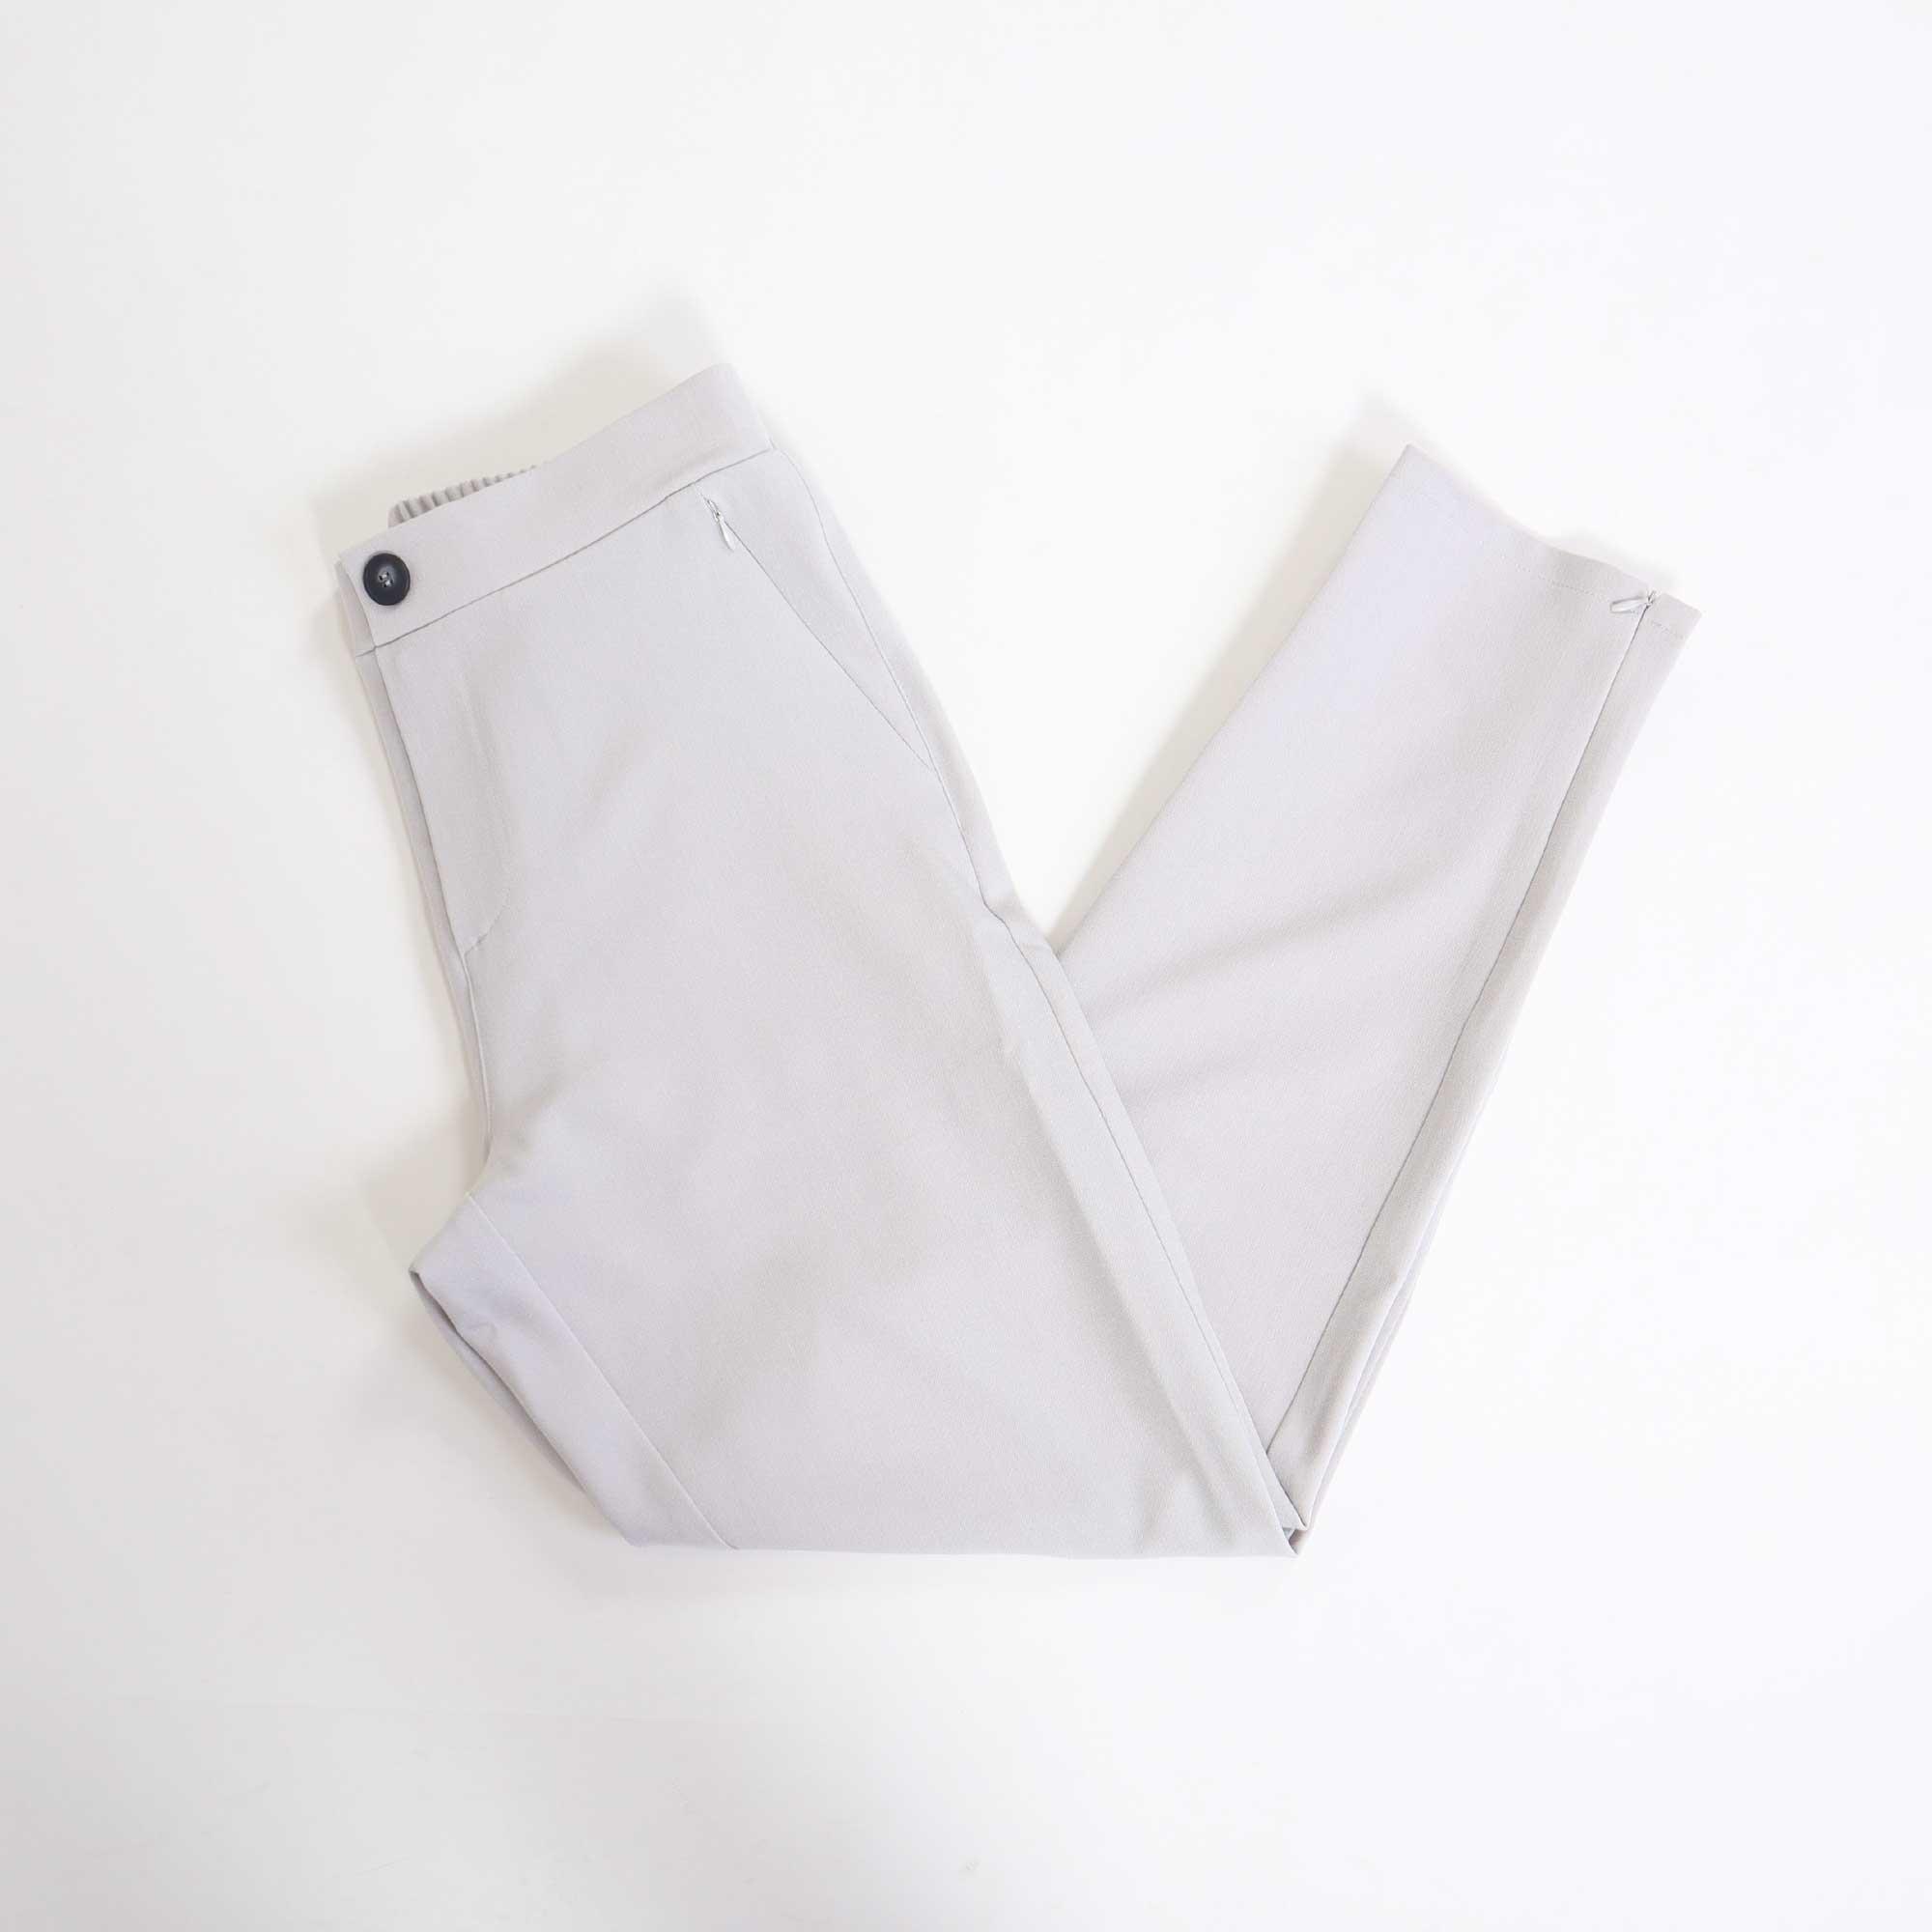 pantalon-lgrijs-1